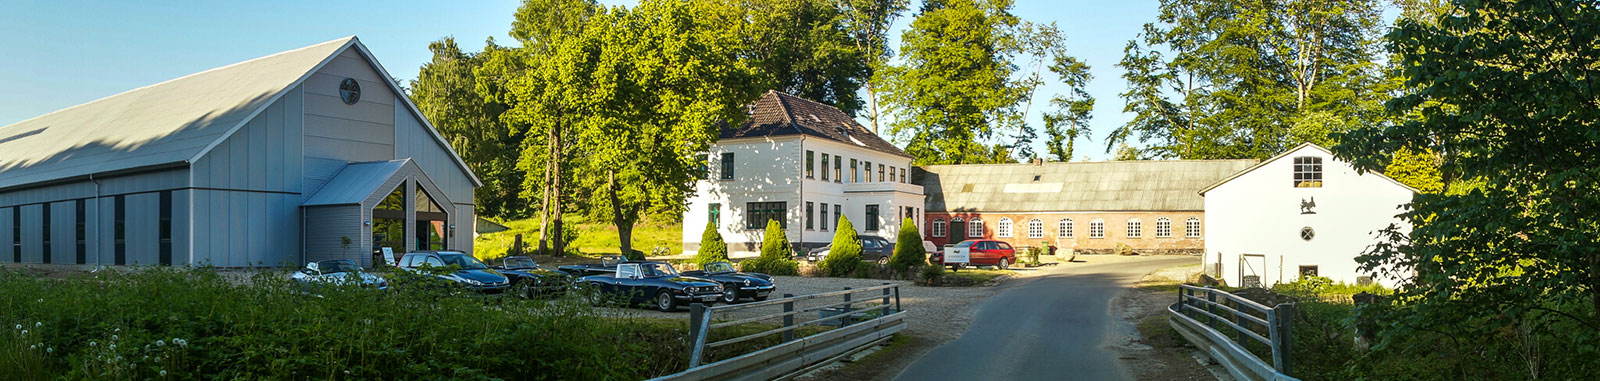 Elkærholm panorama.